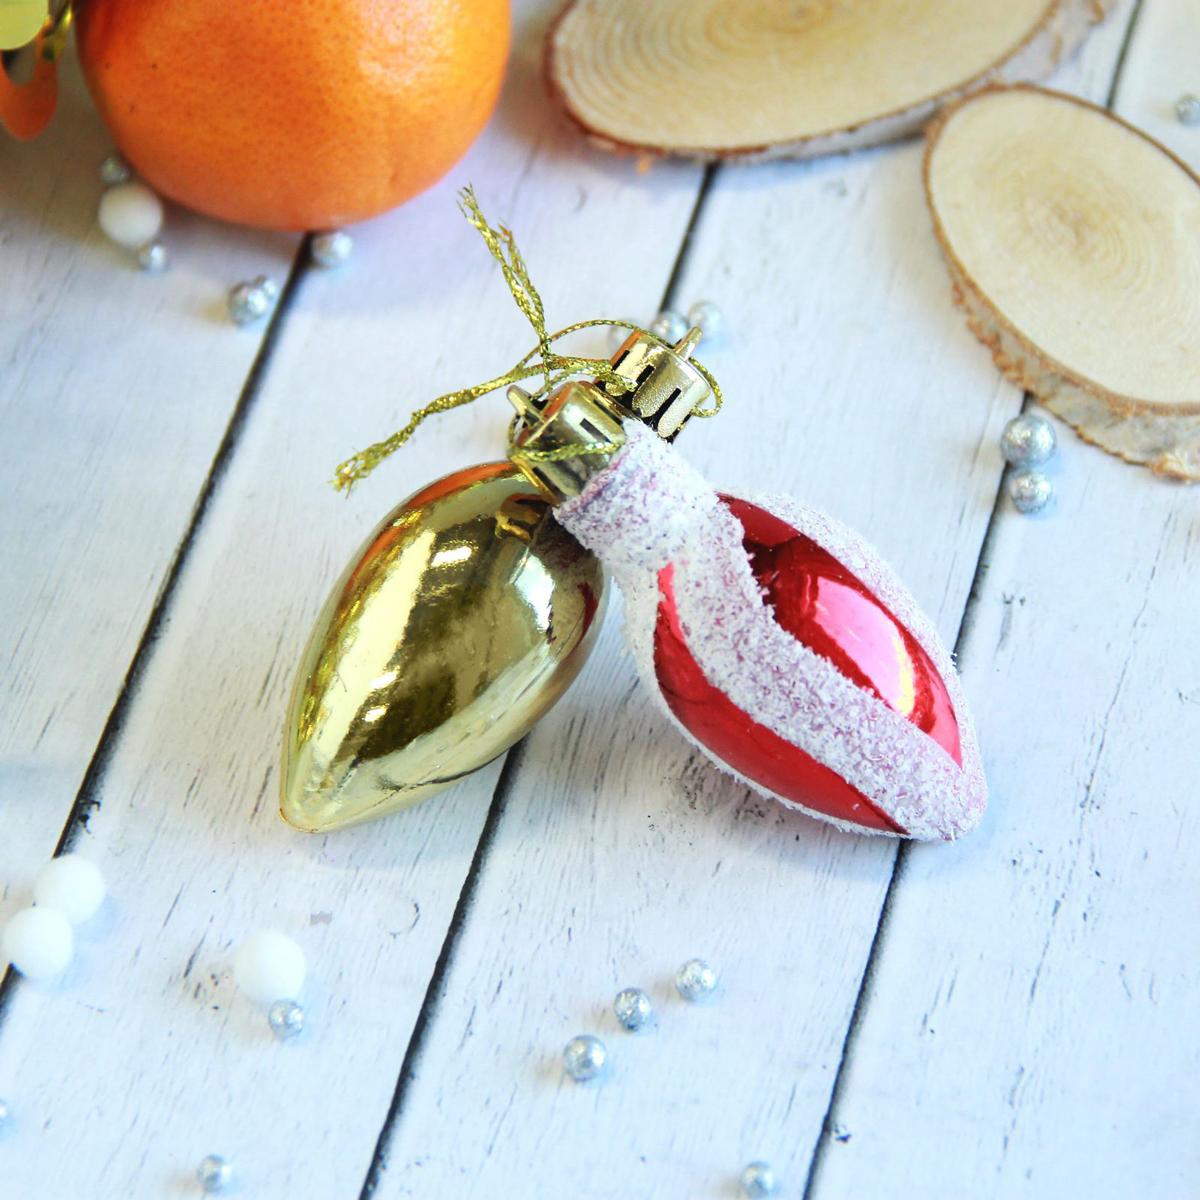 Набор новогодних подвесных украшений Лампочка, цвет: красный, золотой, 2,5 х 6 см, 9 шт2371347Набор новогодних подвесных украшений отлично подойдет для декорации вашего дома и новогодней ели. С помощью специальной петельки украшение можно повесить в любом понравившемся вам месте. Но, конечно, удачнее всего оно будет смотреться на праздничной елке.Елочная игрушка - символ Нового года. Она несет в себе волшебство и красоту праздника. Такое украшение создаст в вашем доме атмосферу праздника, веселья и радости.